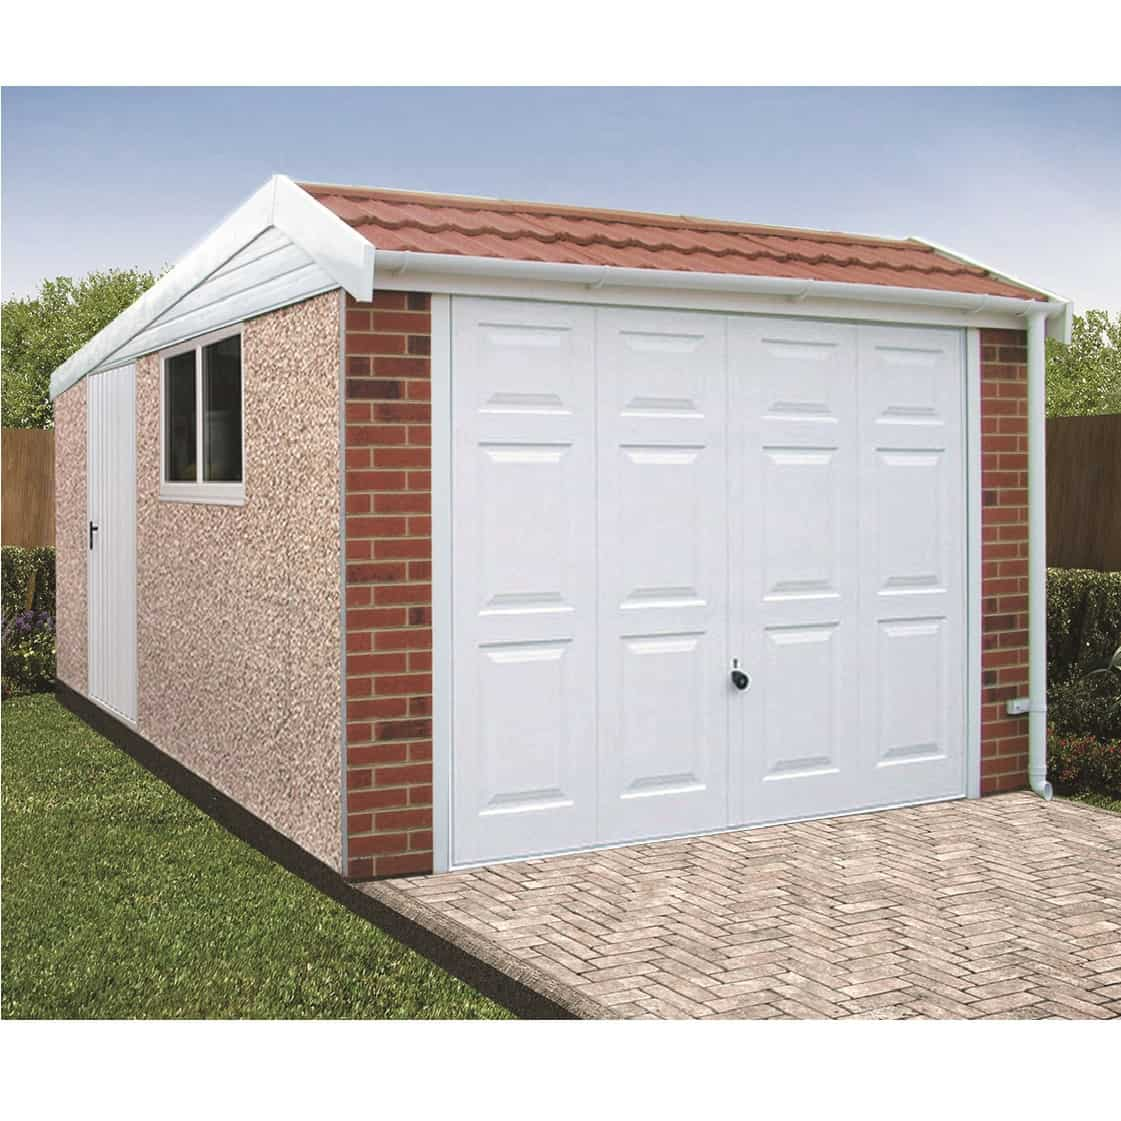 LidgetCompton Pent Mansard Deluxe Concrete Garage